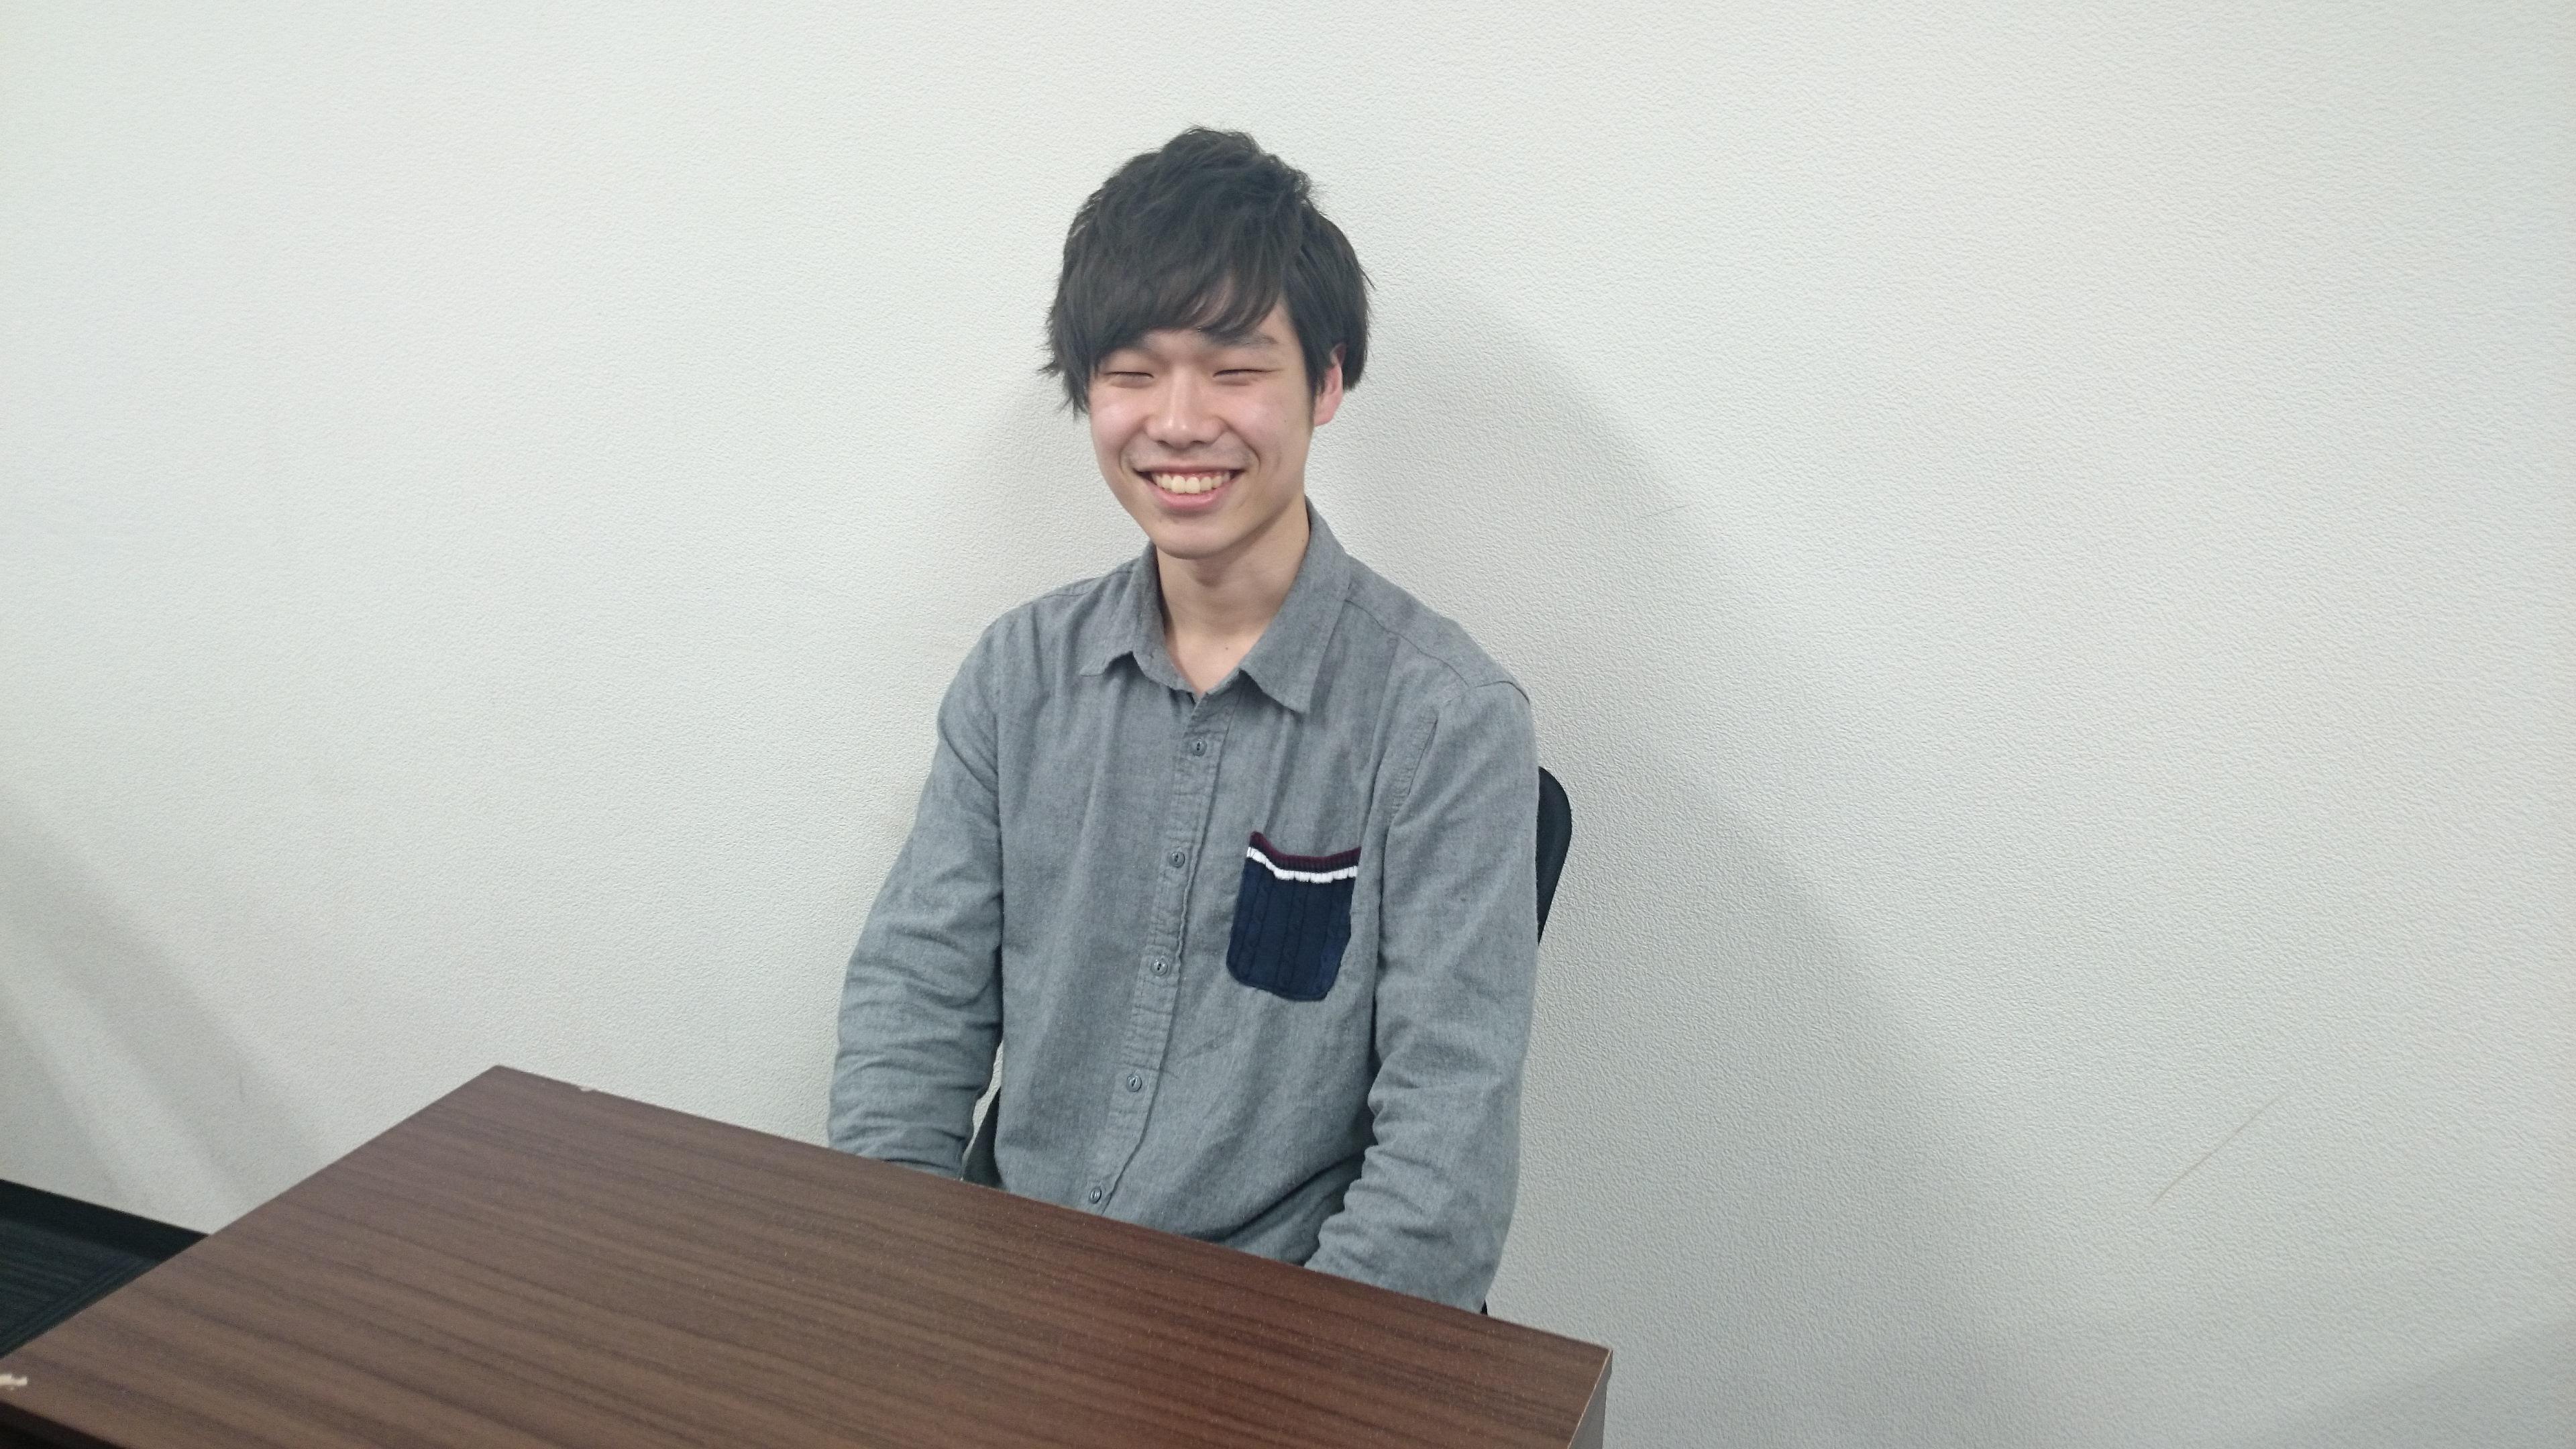 kuwamura_yuichirou.isu